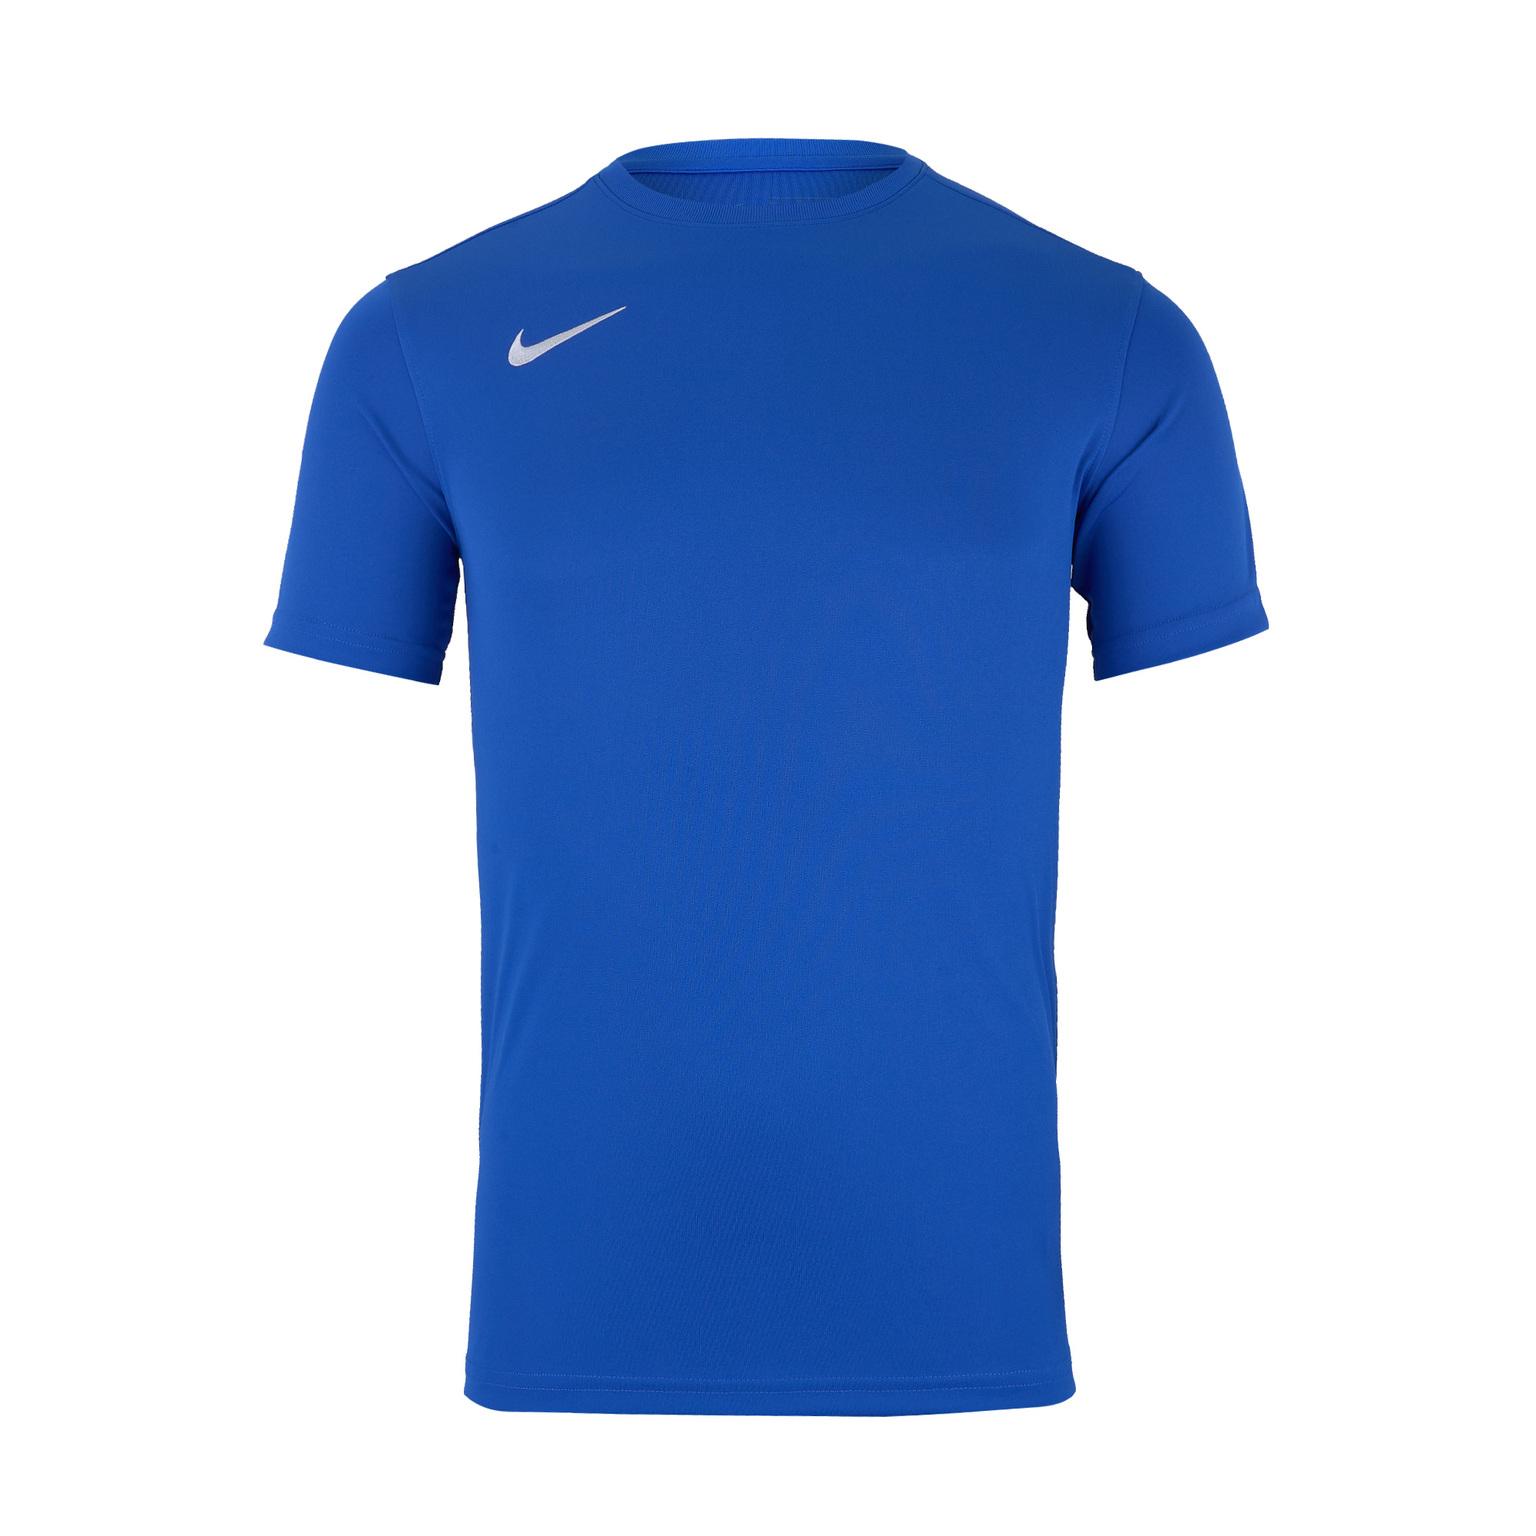 Футболка игровая подростковая Nike Dry Park VII BV6741-463 цена и фото